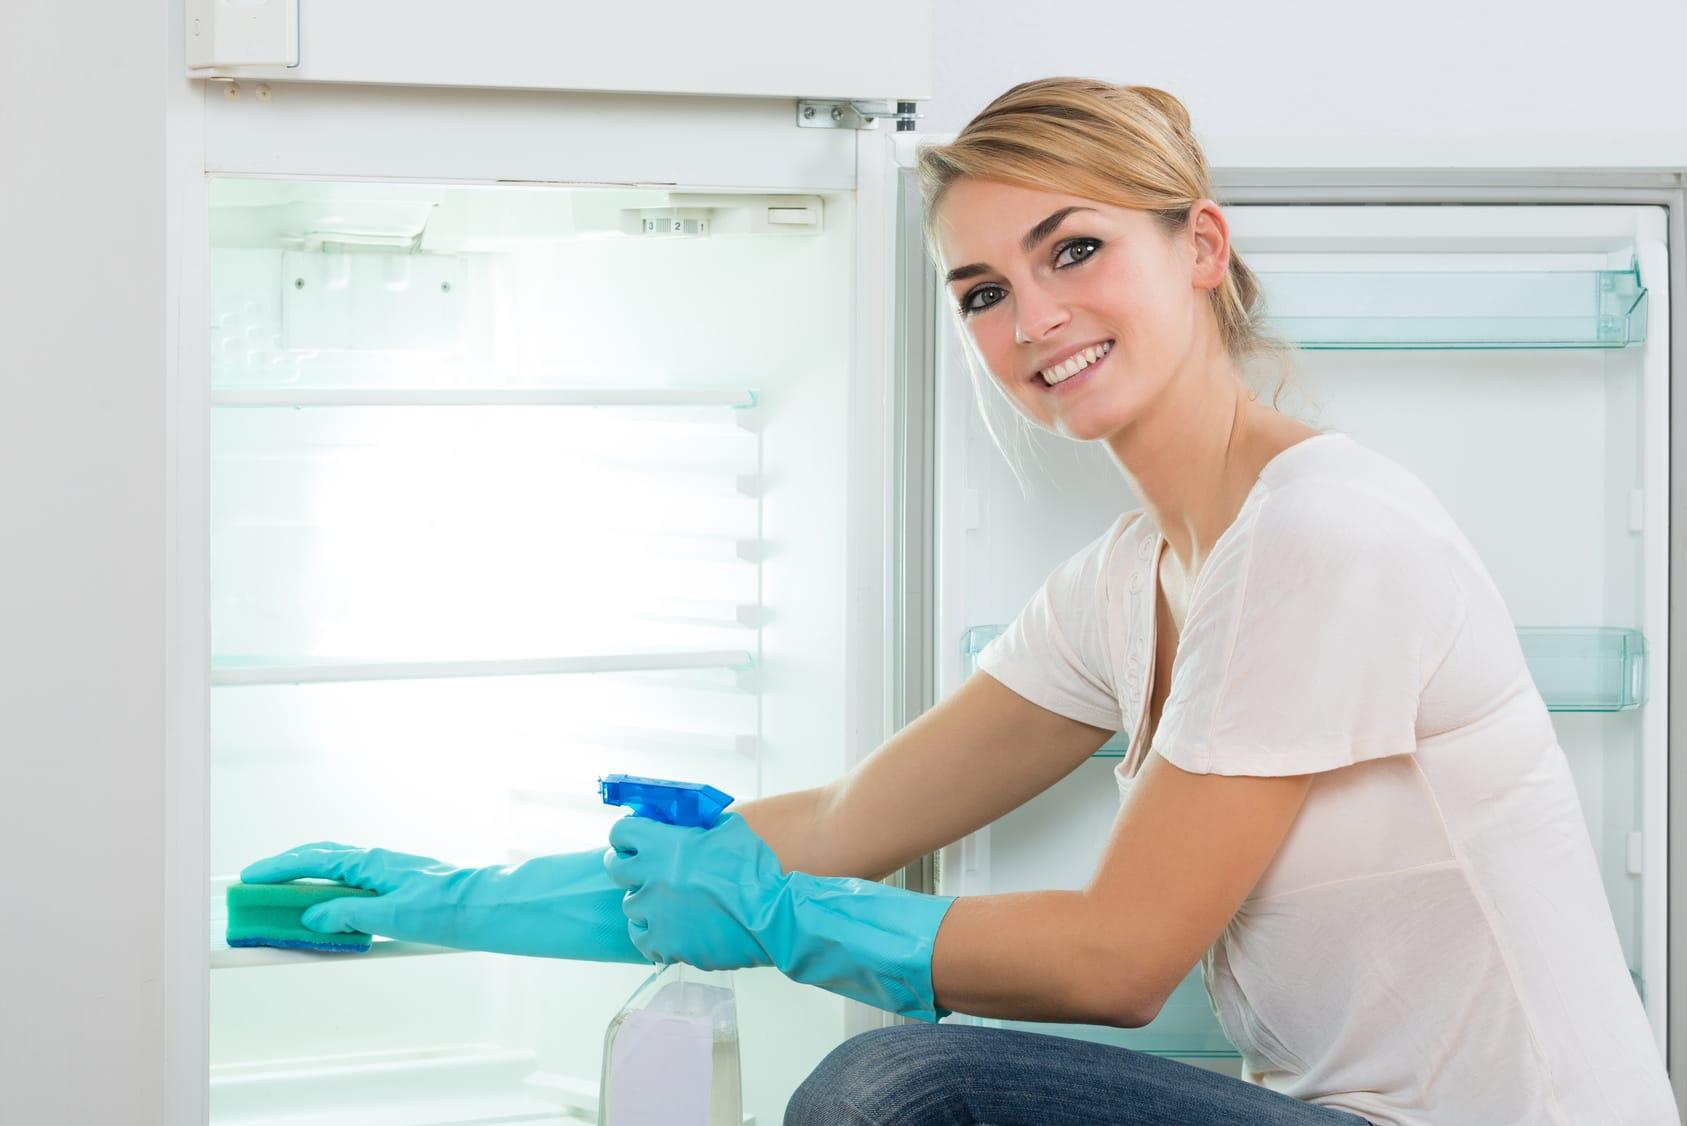 Kühlschrank reinigen – Schritt für Schritt Anleitung